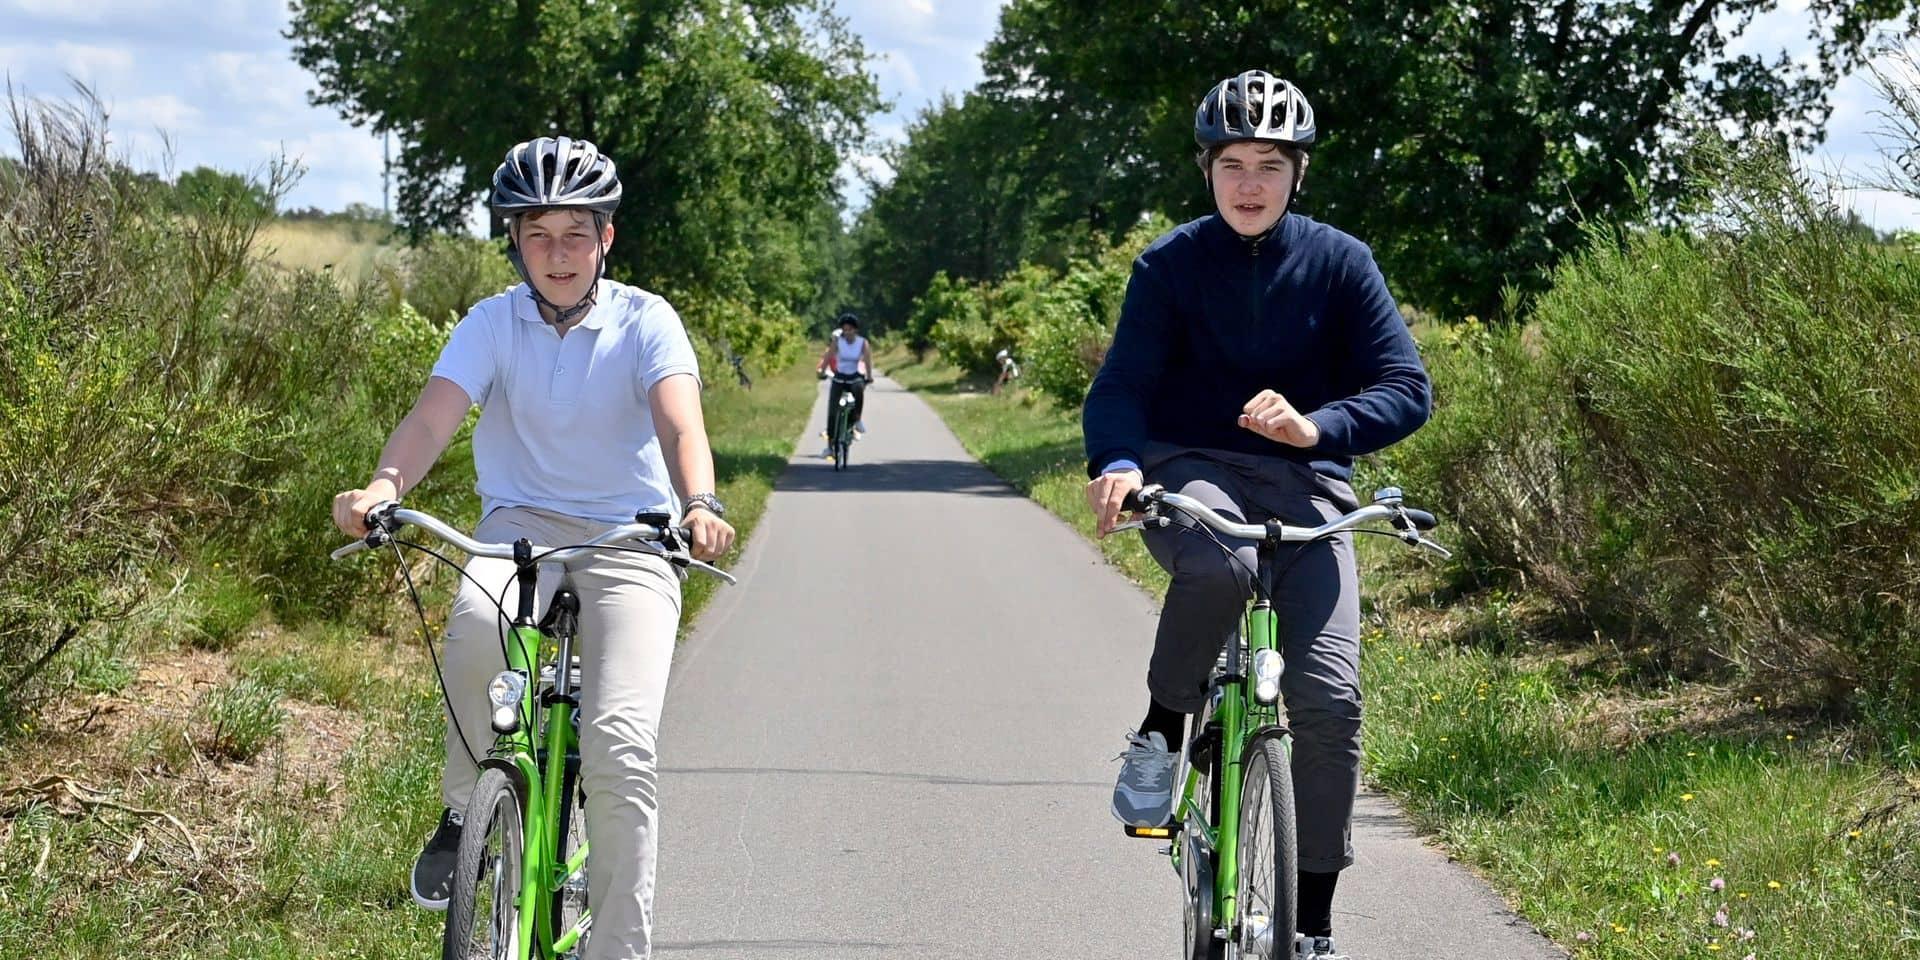 Près de 40% des élèves se rendent à l'école à vélo selon une étude de Touring